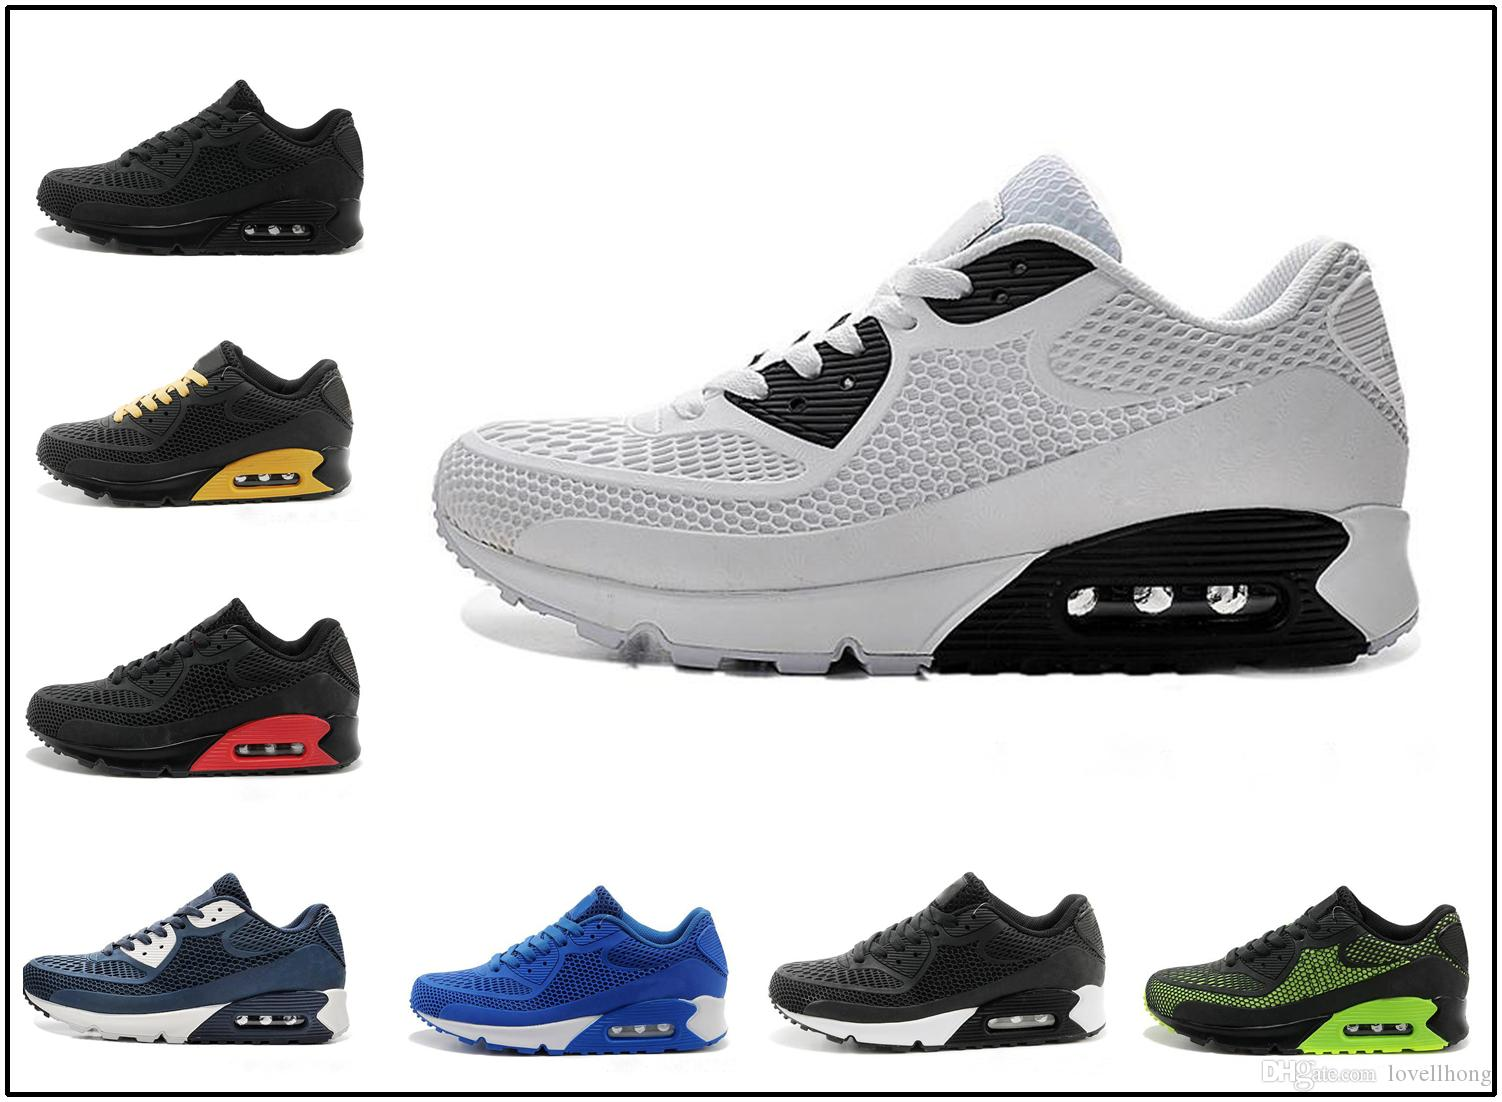 best service 9af97 6a68f Compre Nike Air Max 90 Kpu Airmax Nuevas Zapatillas De Deporte Cojín De  Aire 90 KPU Hombres Mujeres Zapatillas De Deporte De Alta Calidad Todos Los  Zapatos ...